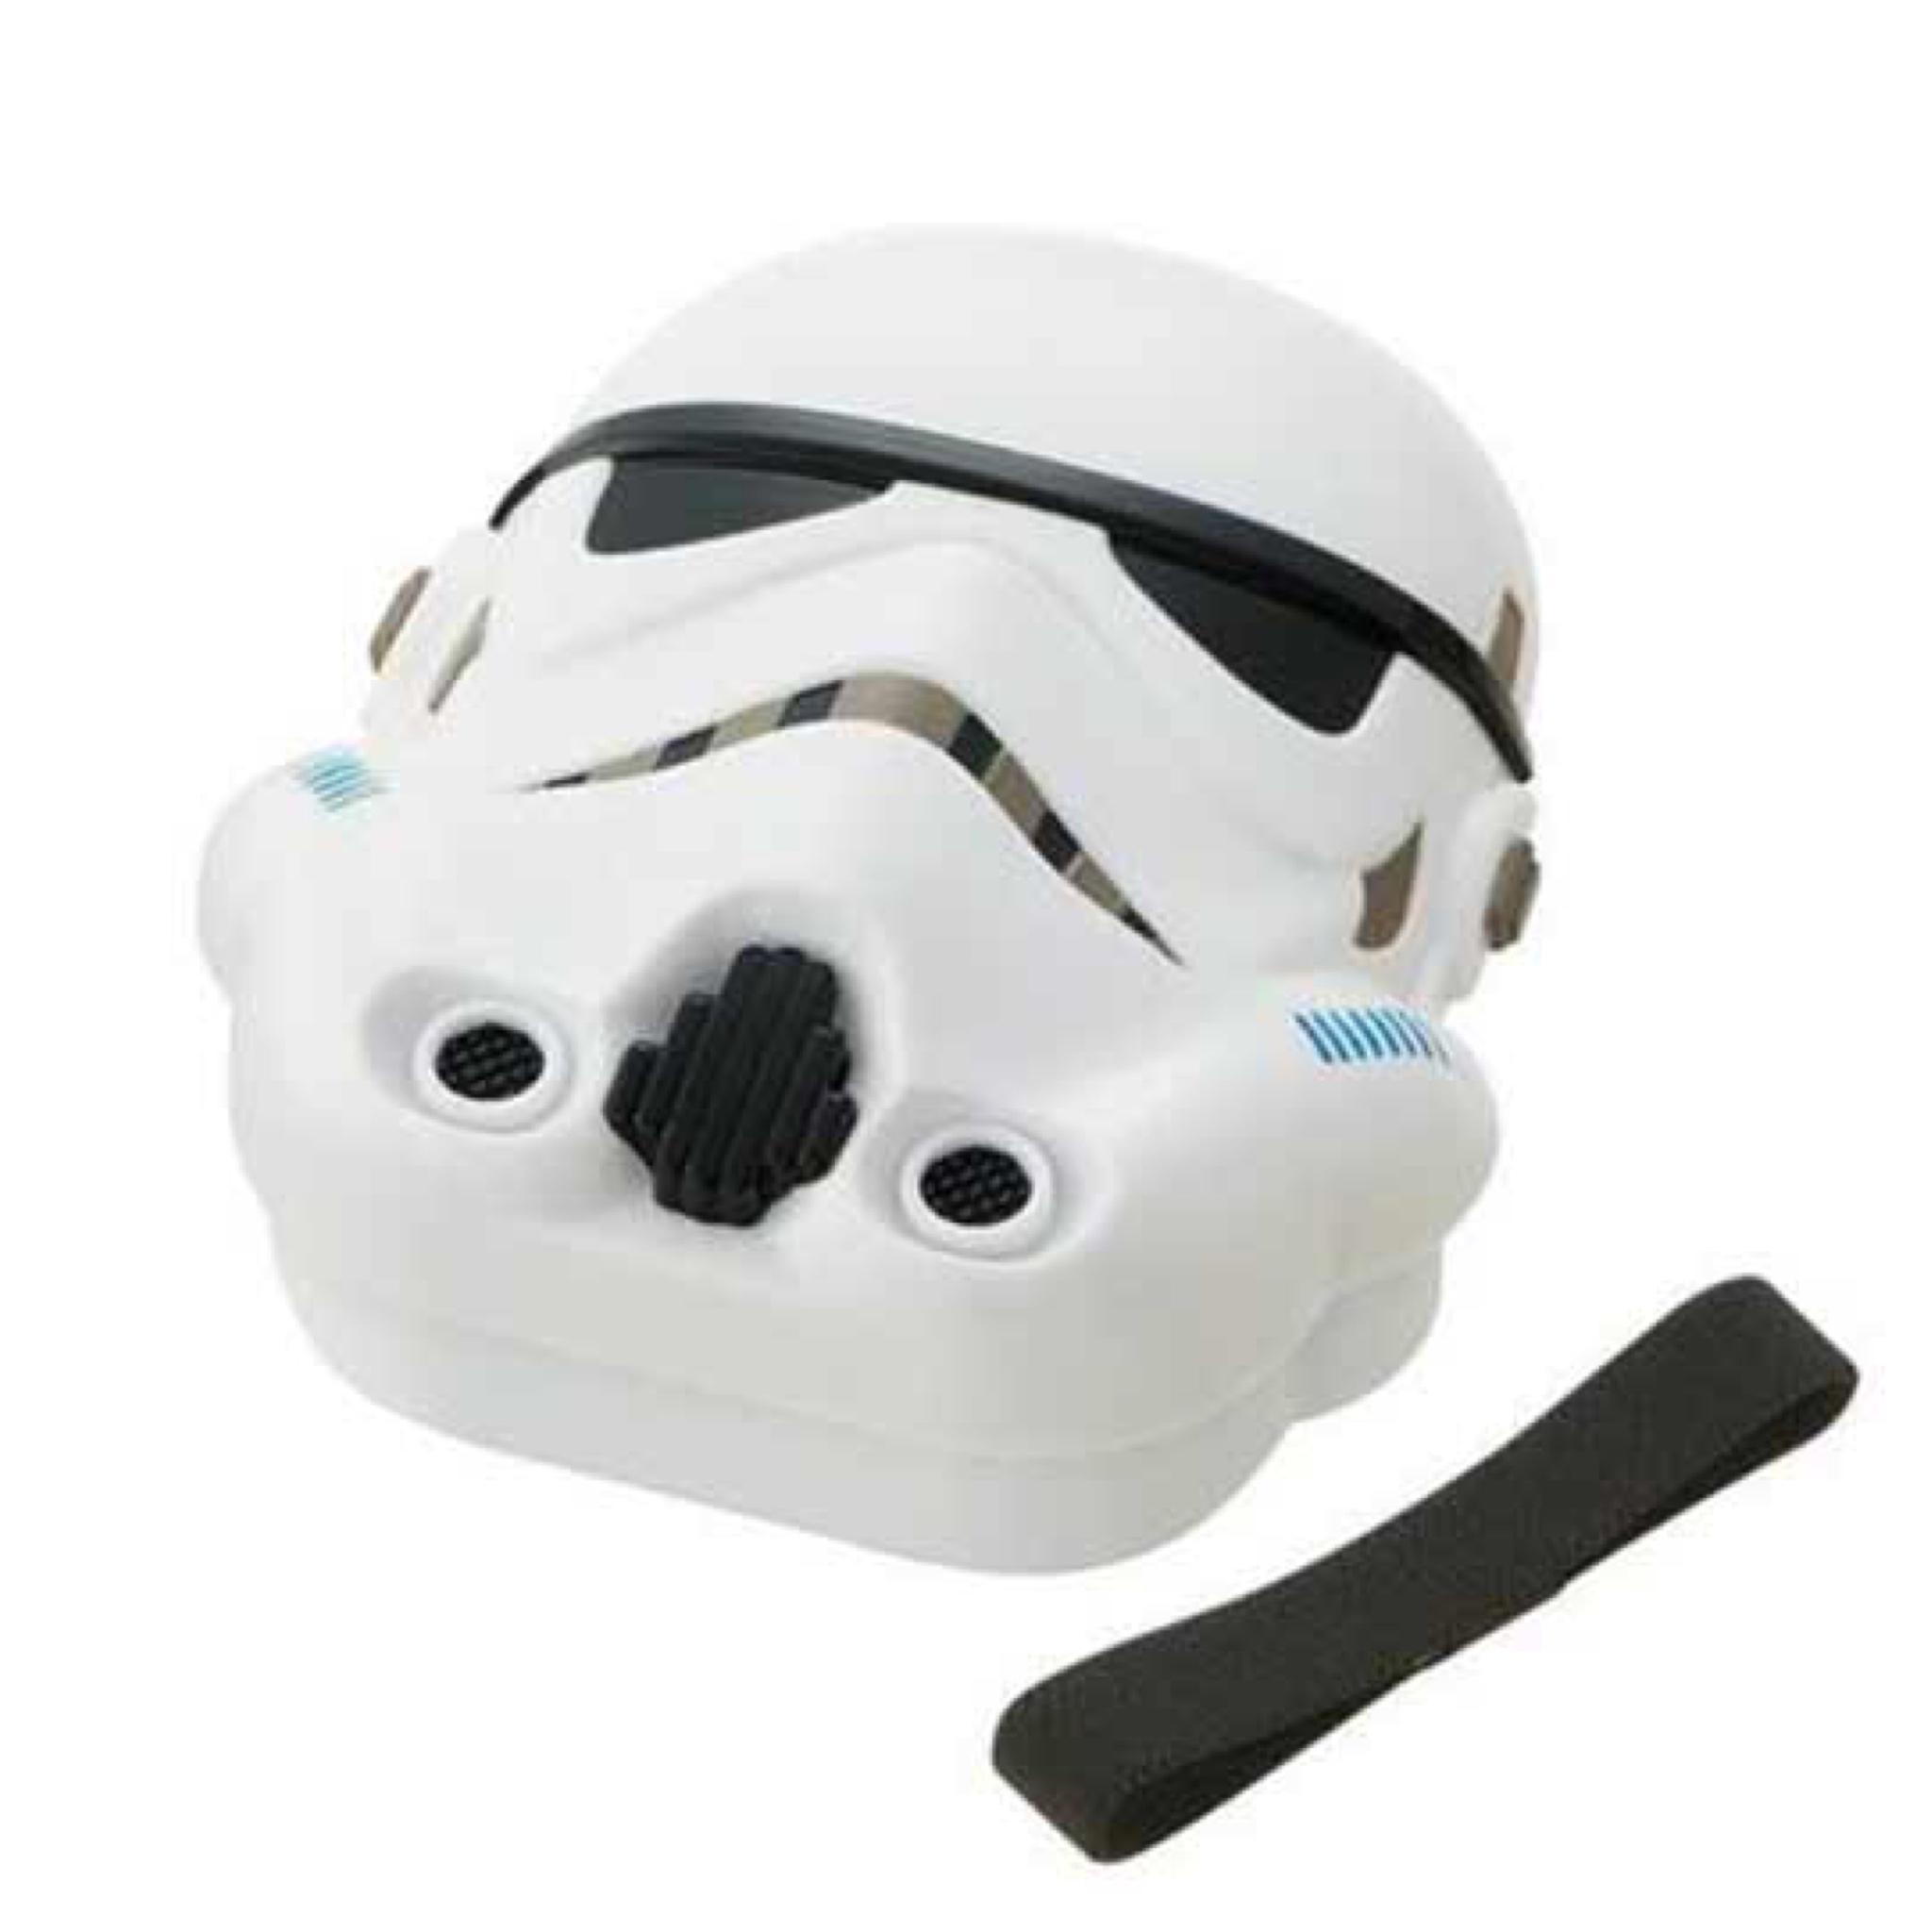 กล่องบรรจุอาหารกลางวันและของว่าง Skater Bento Lunch Box (Star Wars Stormtrooper)